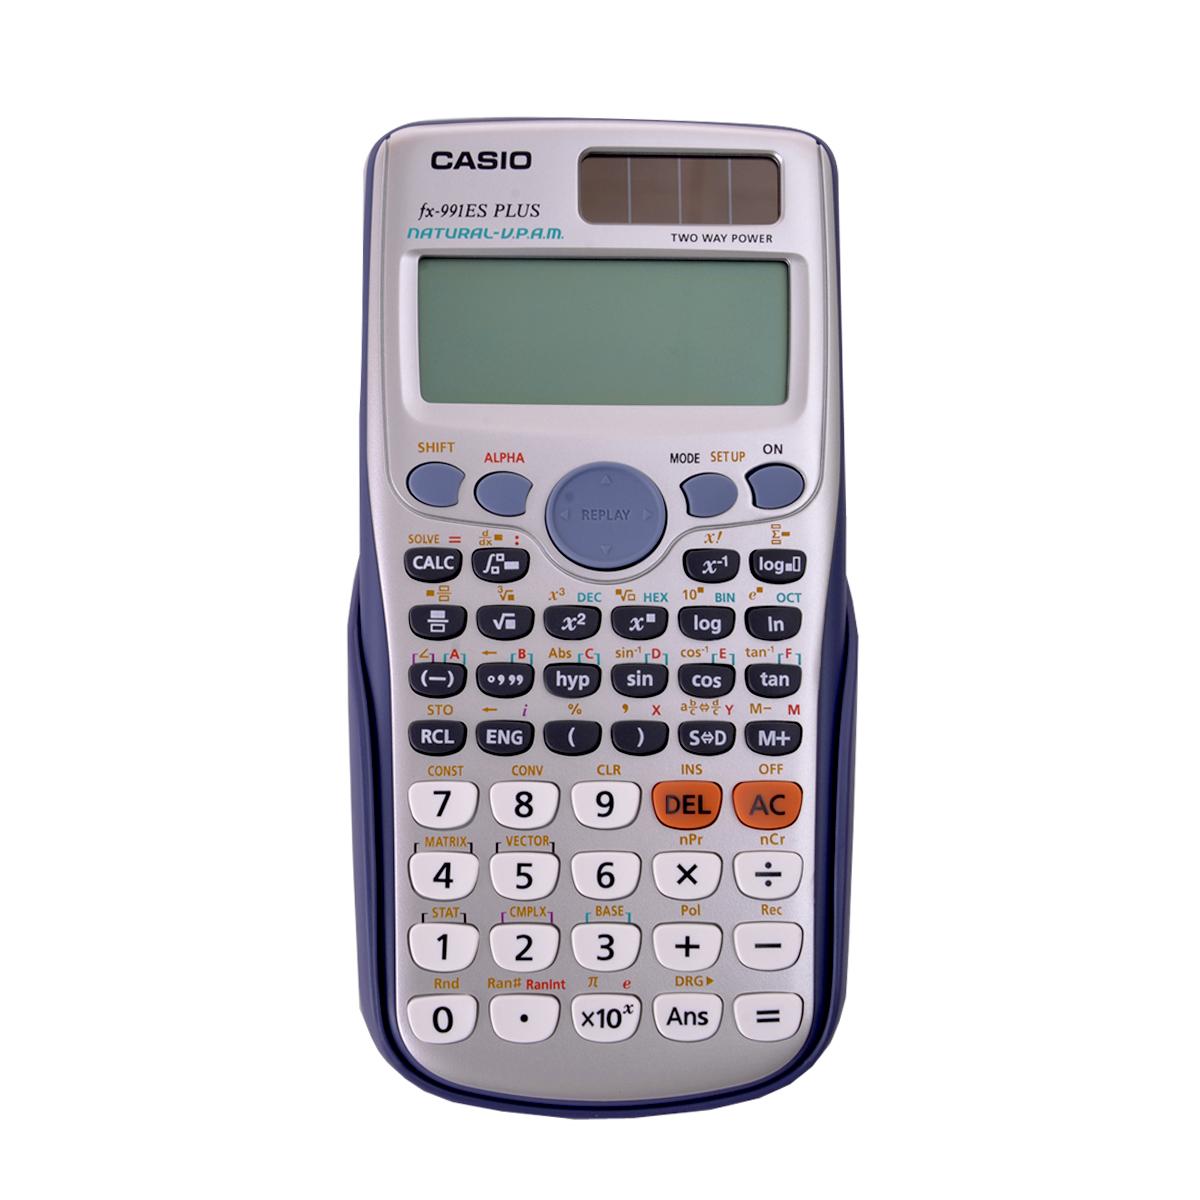 صورة شرح طريقة استخدام الالة الحاسبة fx 991es , طريقة استخدام الالة الحاسبة fx 991es